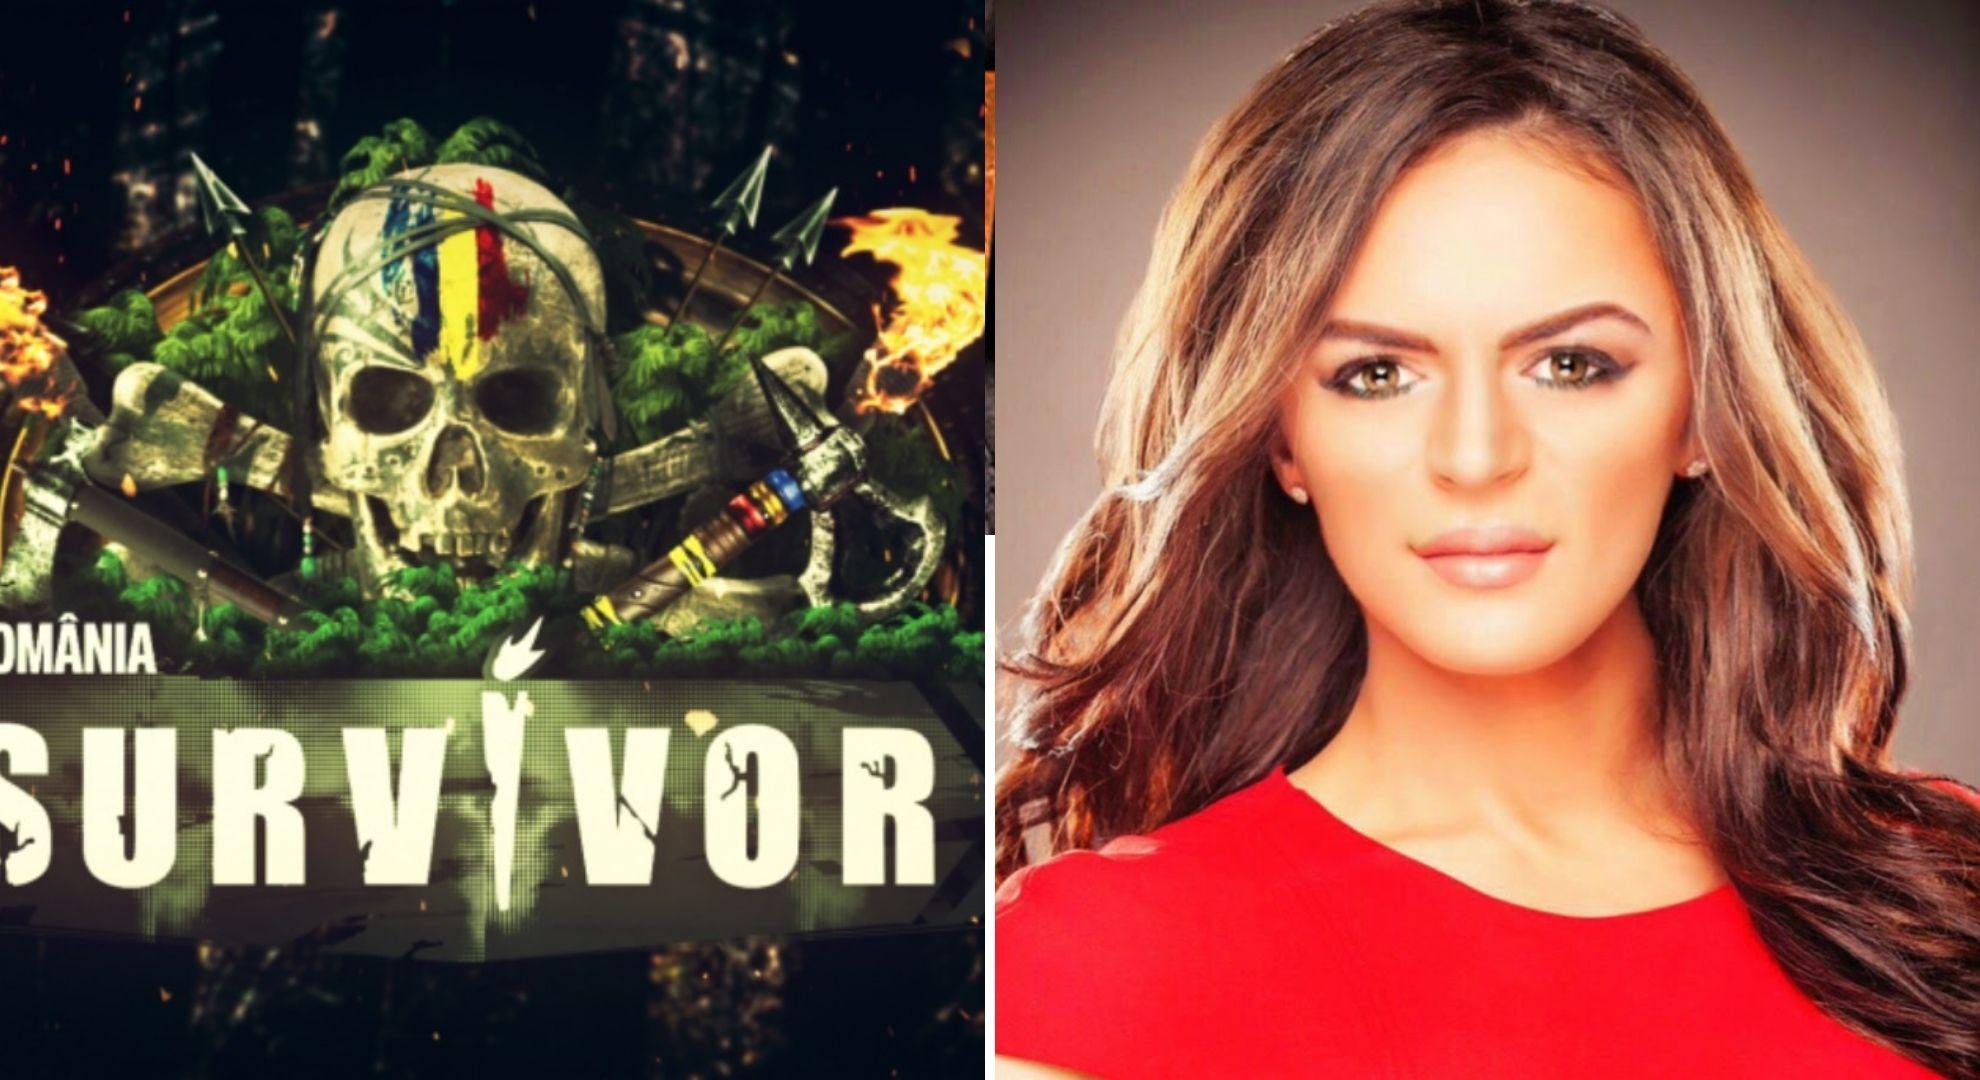 Survivor 2021: Cine este Simona Hapciuc: date biografice, vârstă, înălțime, studii, familie